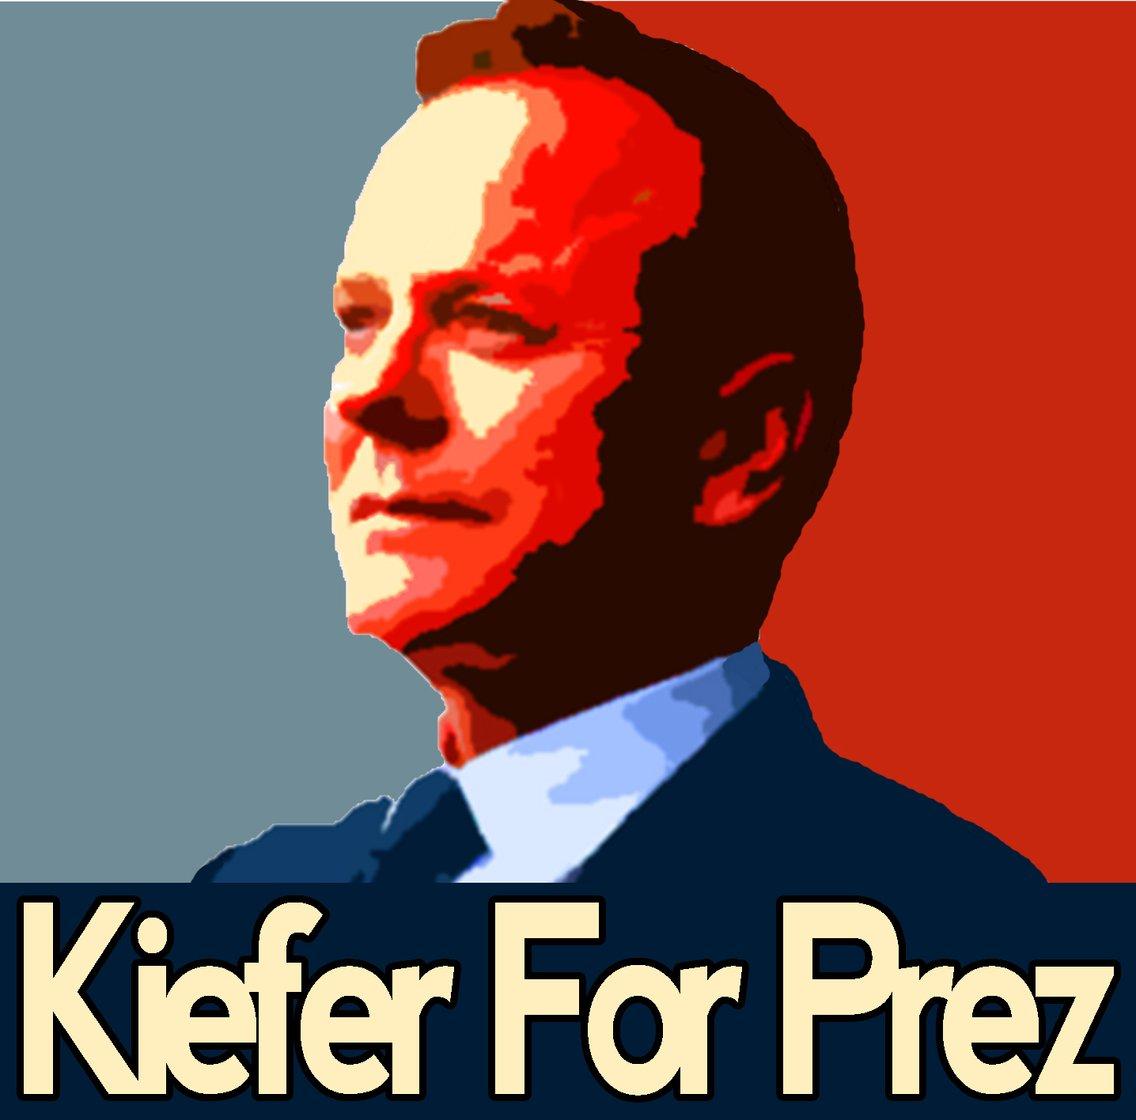 Designated Survivor: Kiefer For Prez - imagen de portada